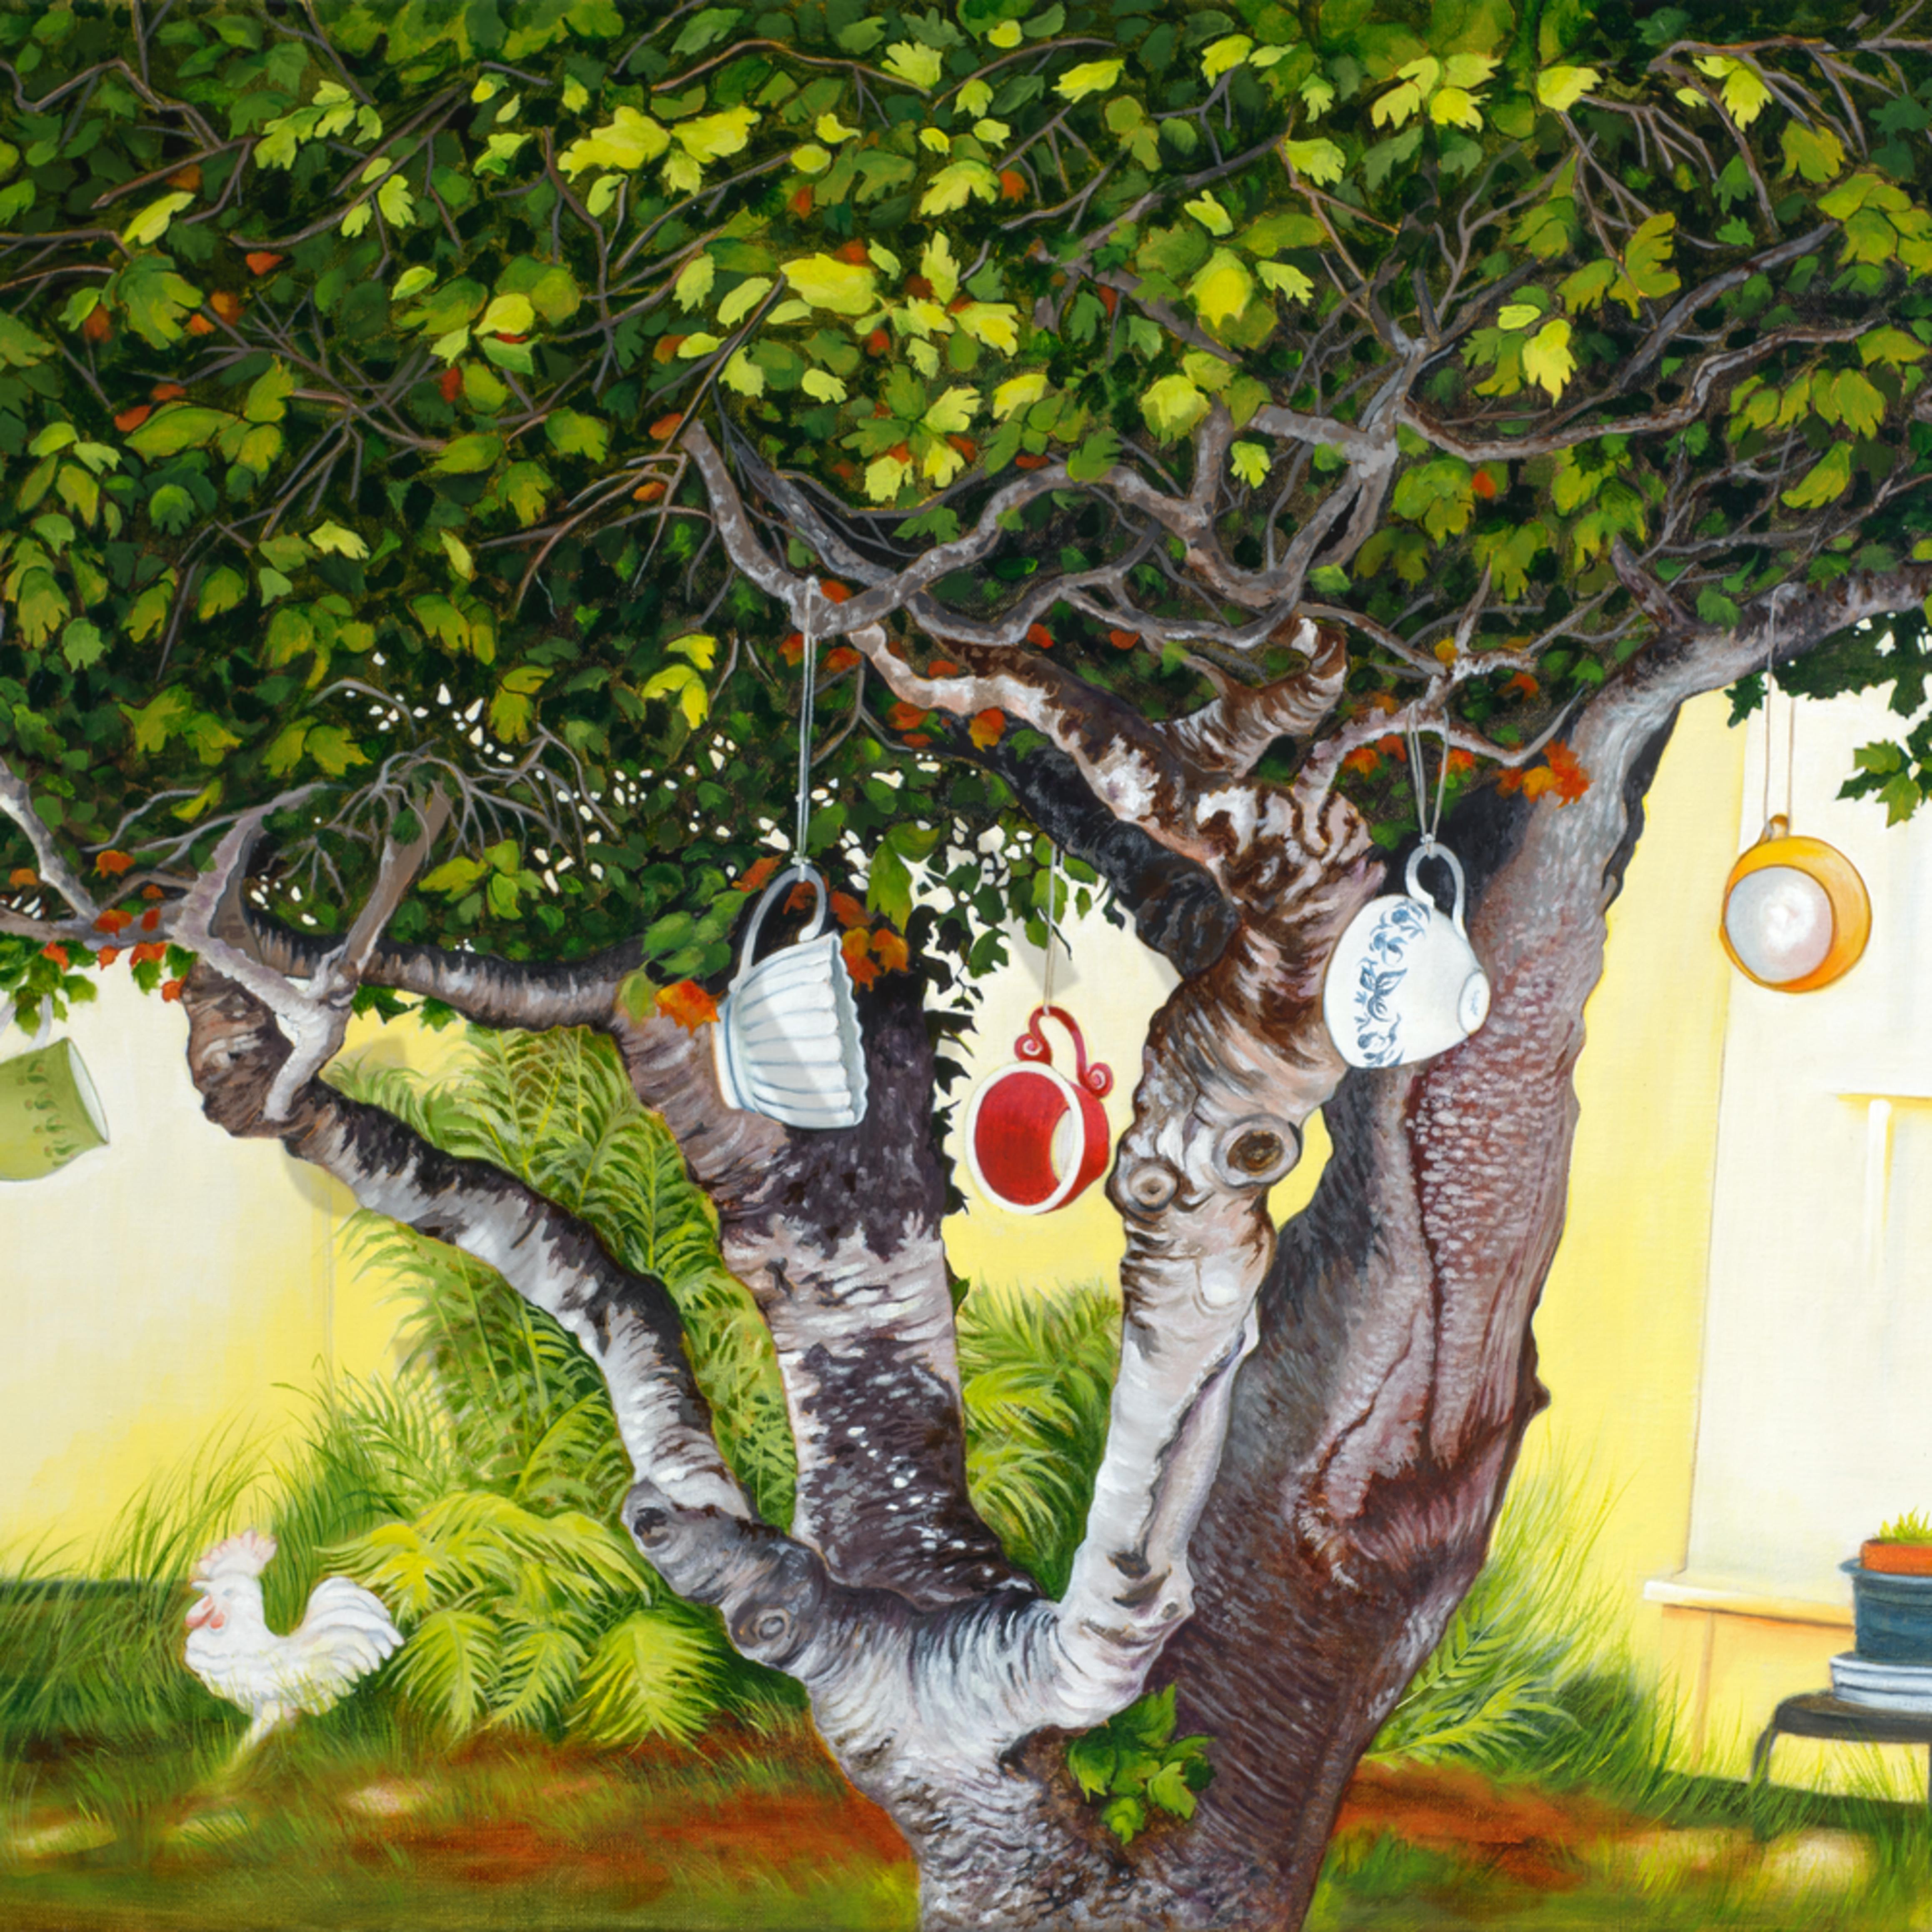 Teacup tree on 12th street baxqnw